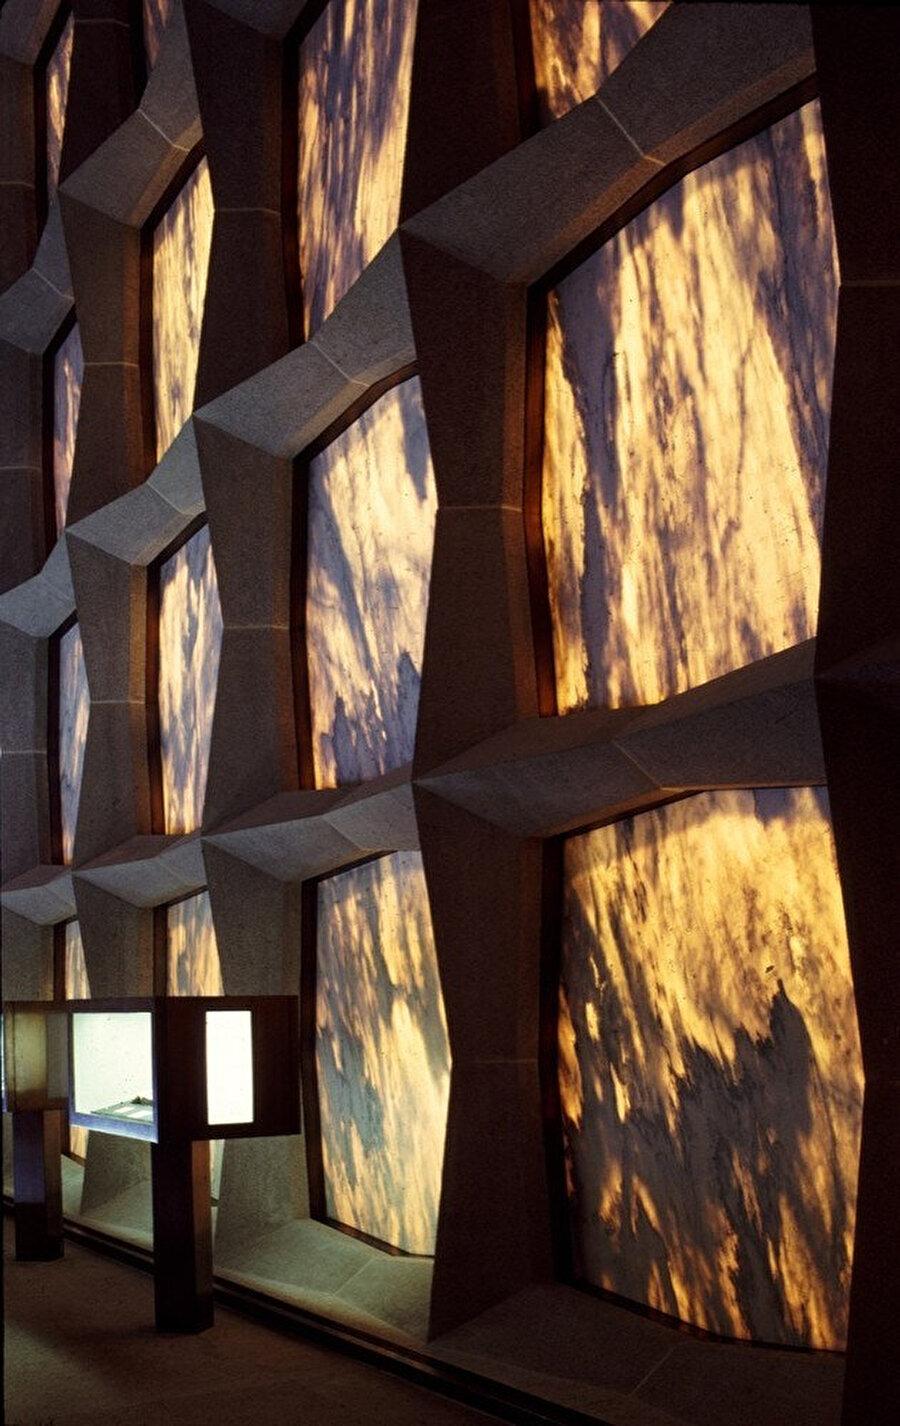 Dışarıdaki ışığın mermer panellerden geçişini anlatan, cepheye yakın bir fotoğraf.